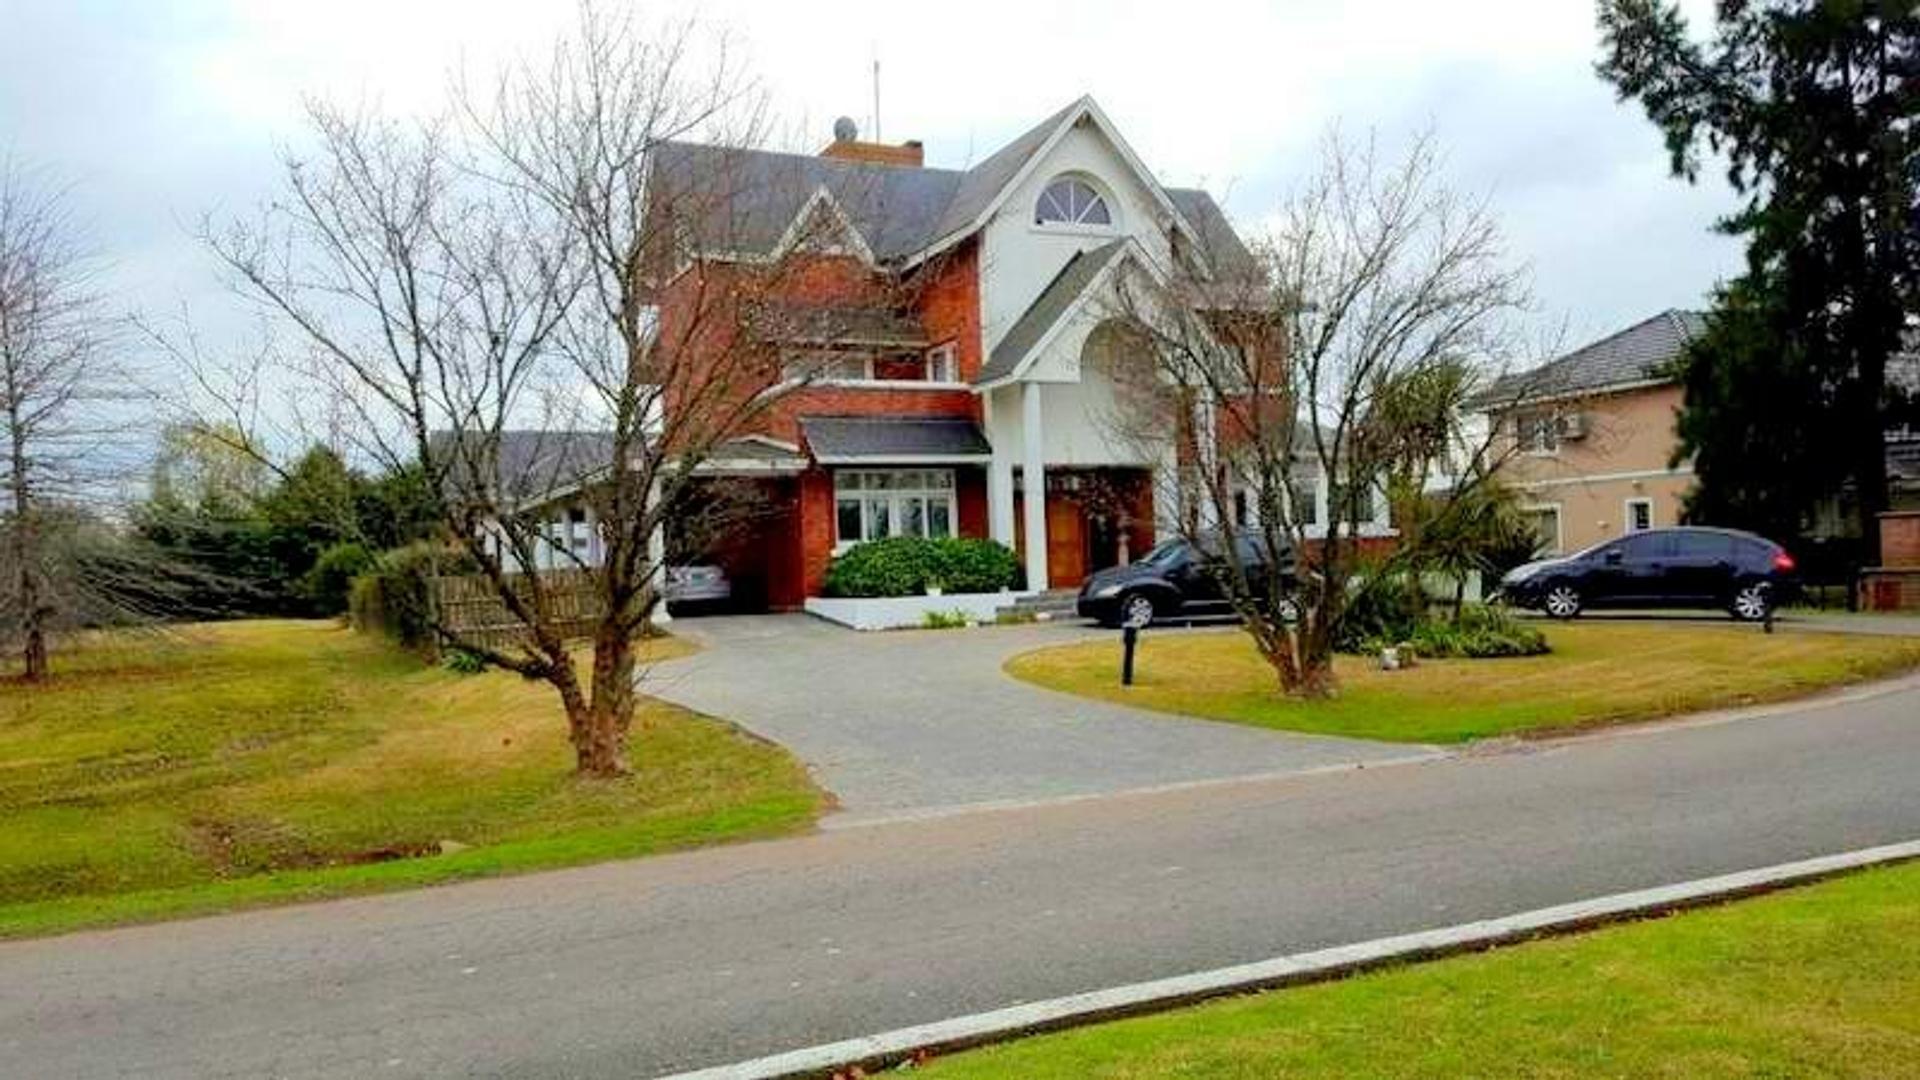 Casa en Venta en El Lauquen Club De Campo - 8 ambientes